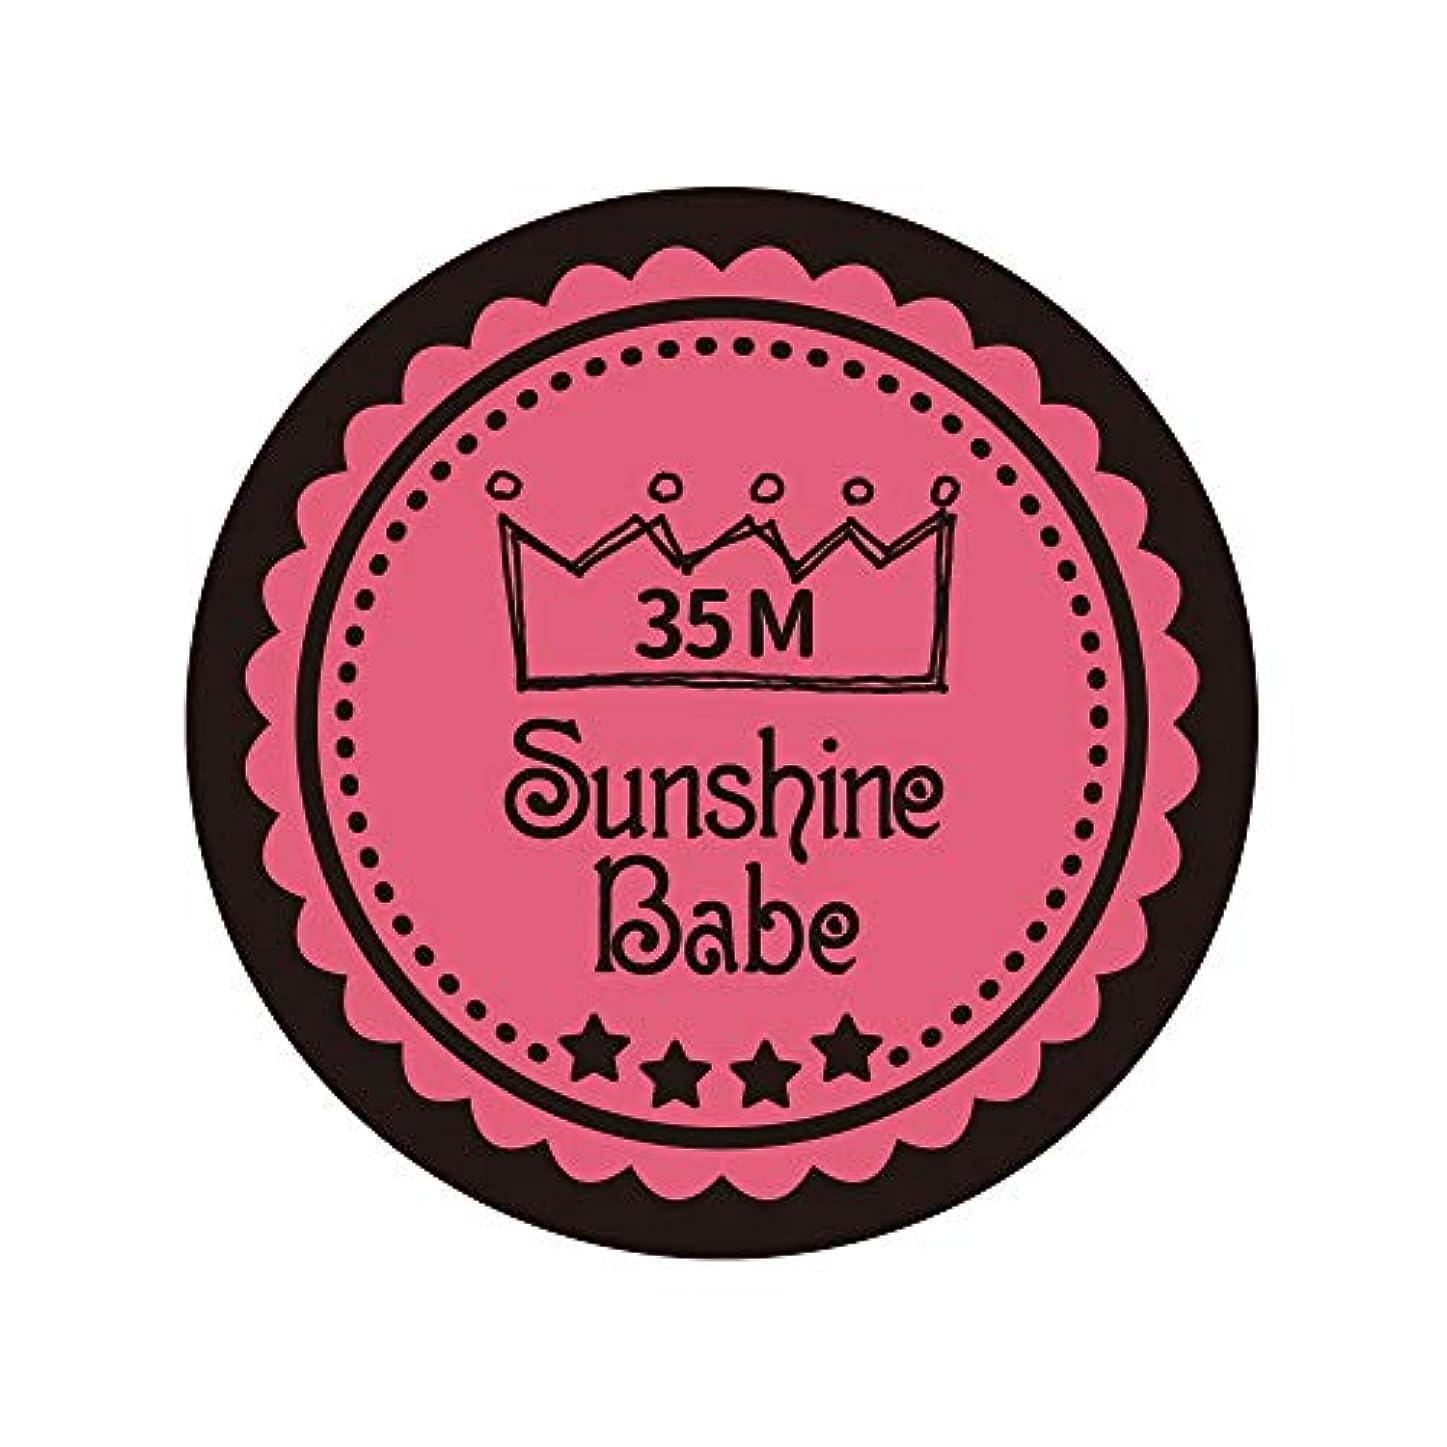 素人テクトニック中級Sunshine Babe カラージェル 35M ローズピンク 4g UV/LED対応